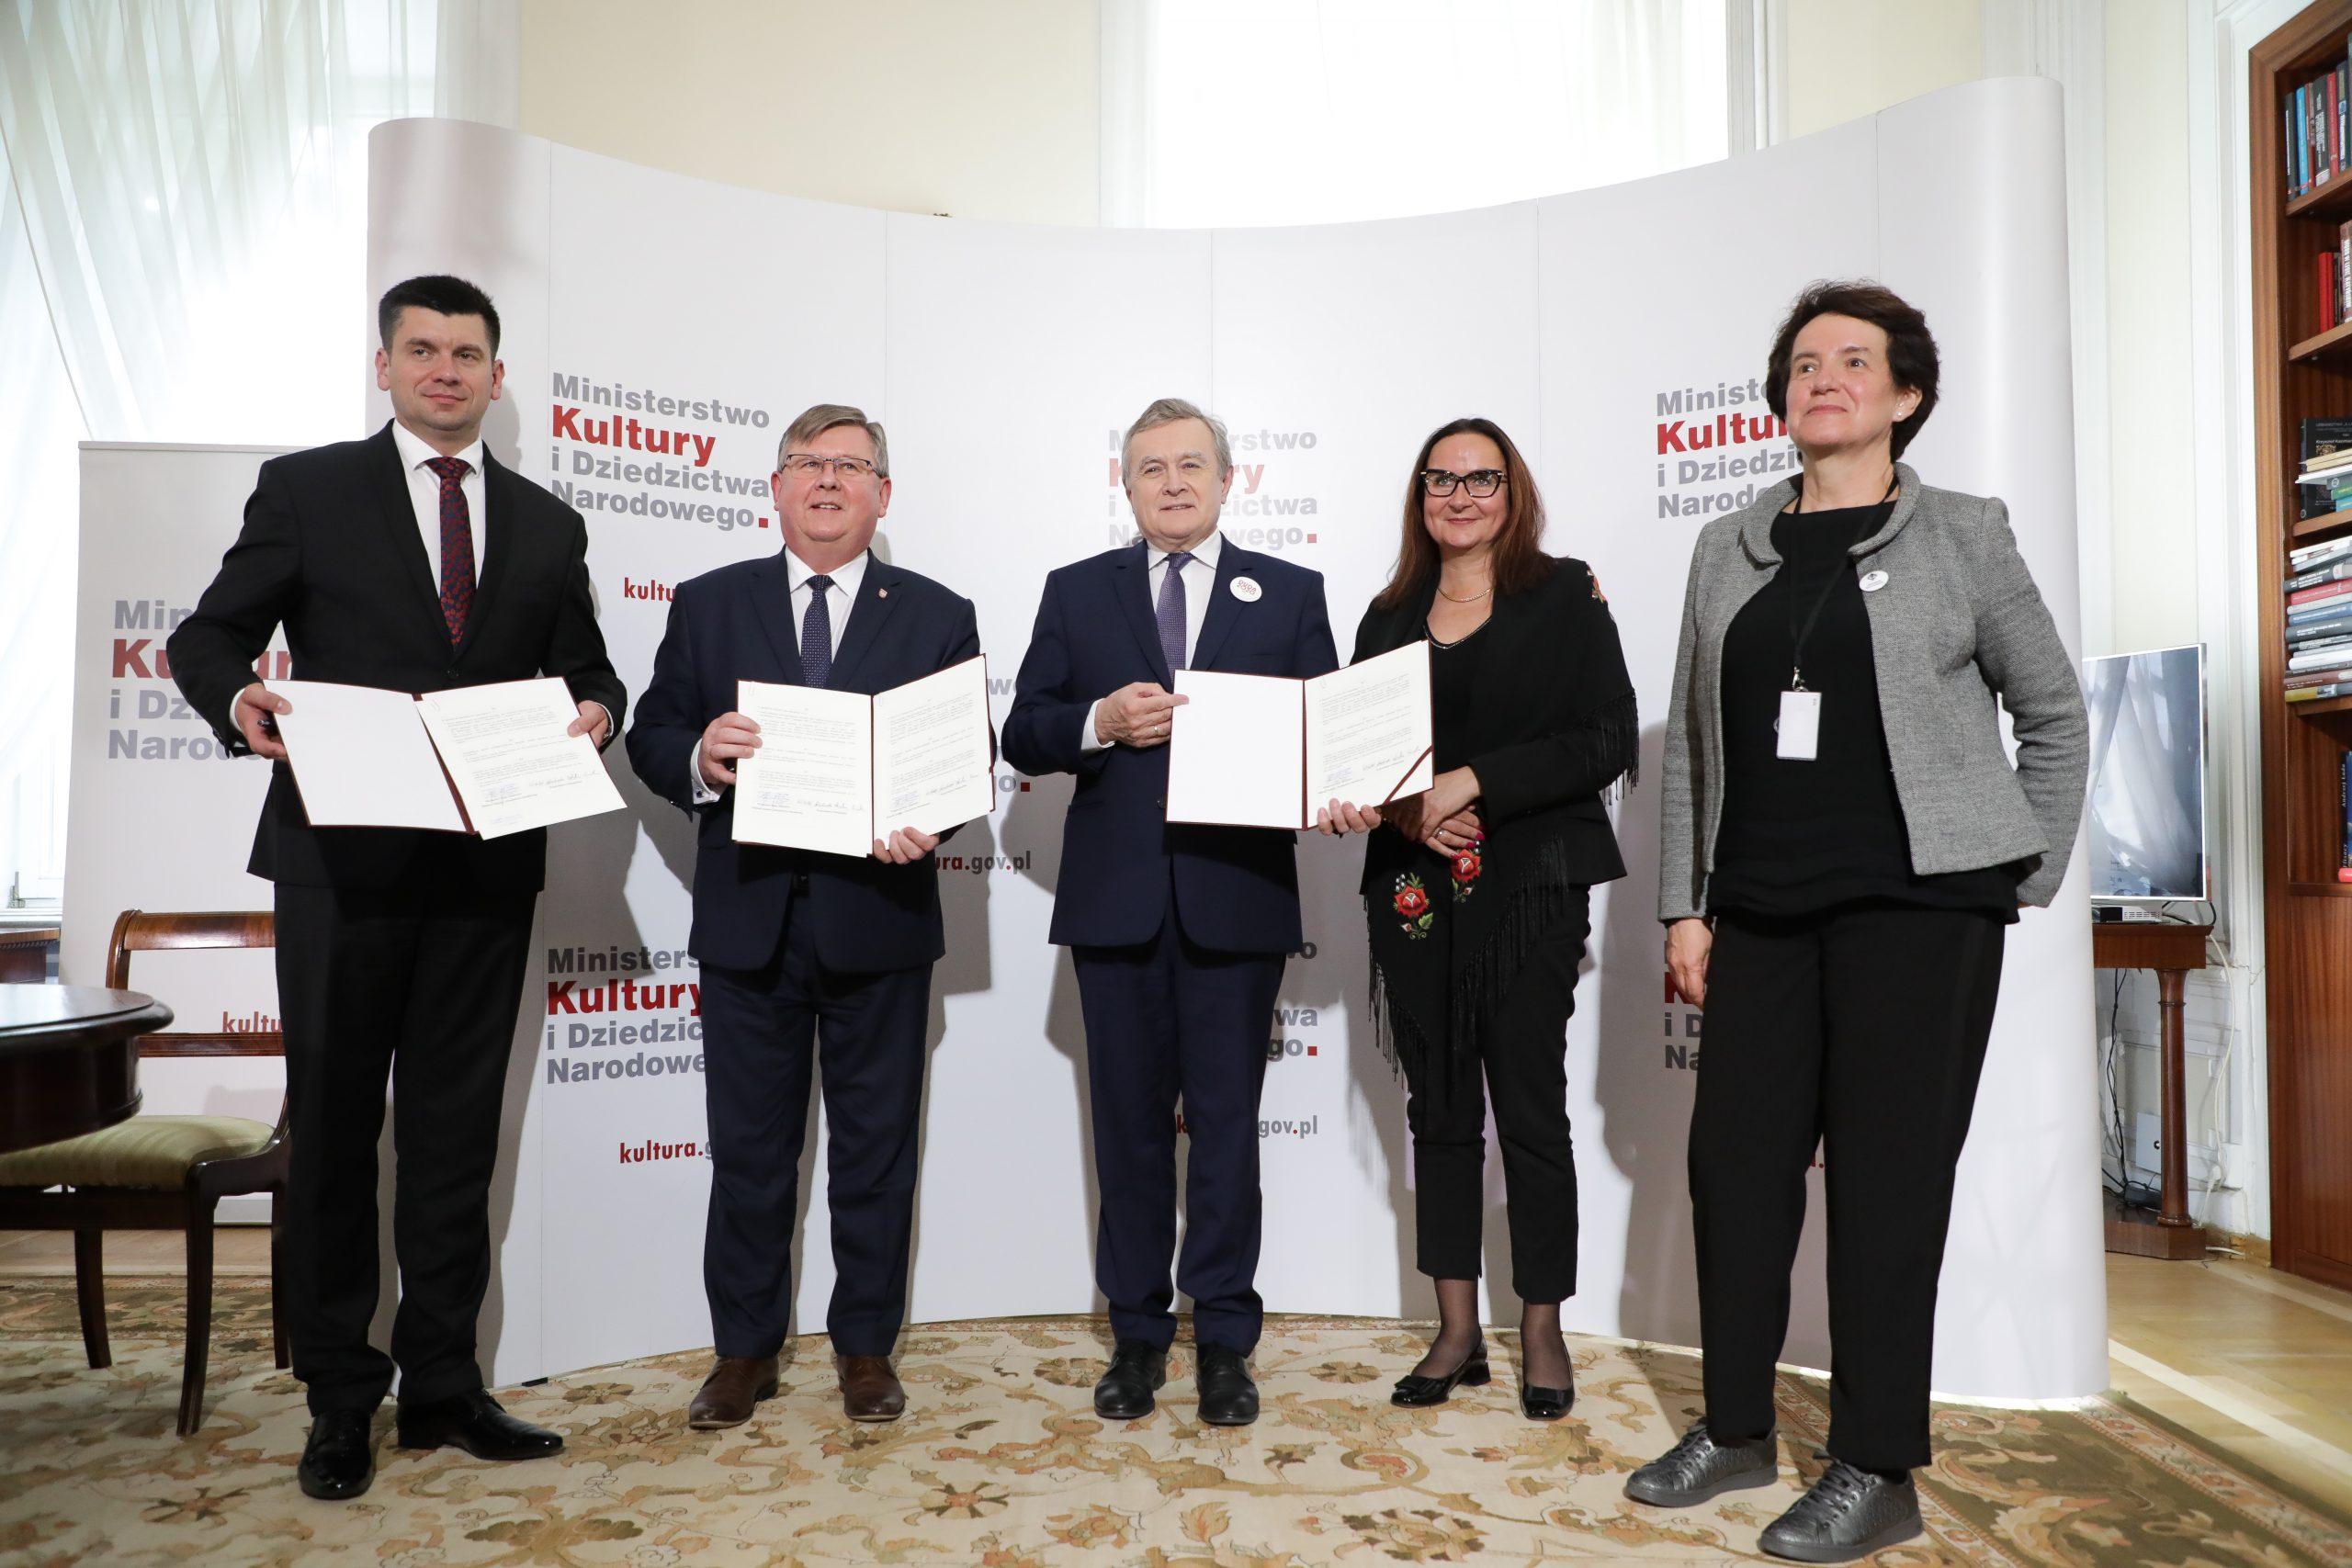 Muzeum Tatrzańskie w Zakopanem instytucją współprowadzoną przez MKIDN – za nami podpisanie listu intencyjnego w tej sprawie